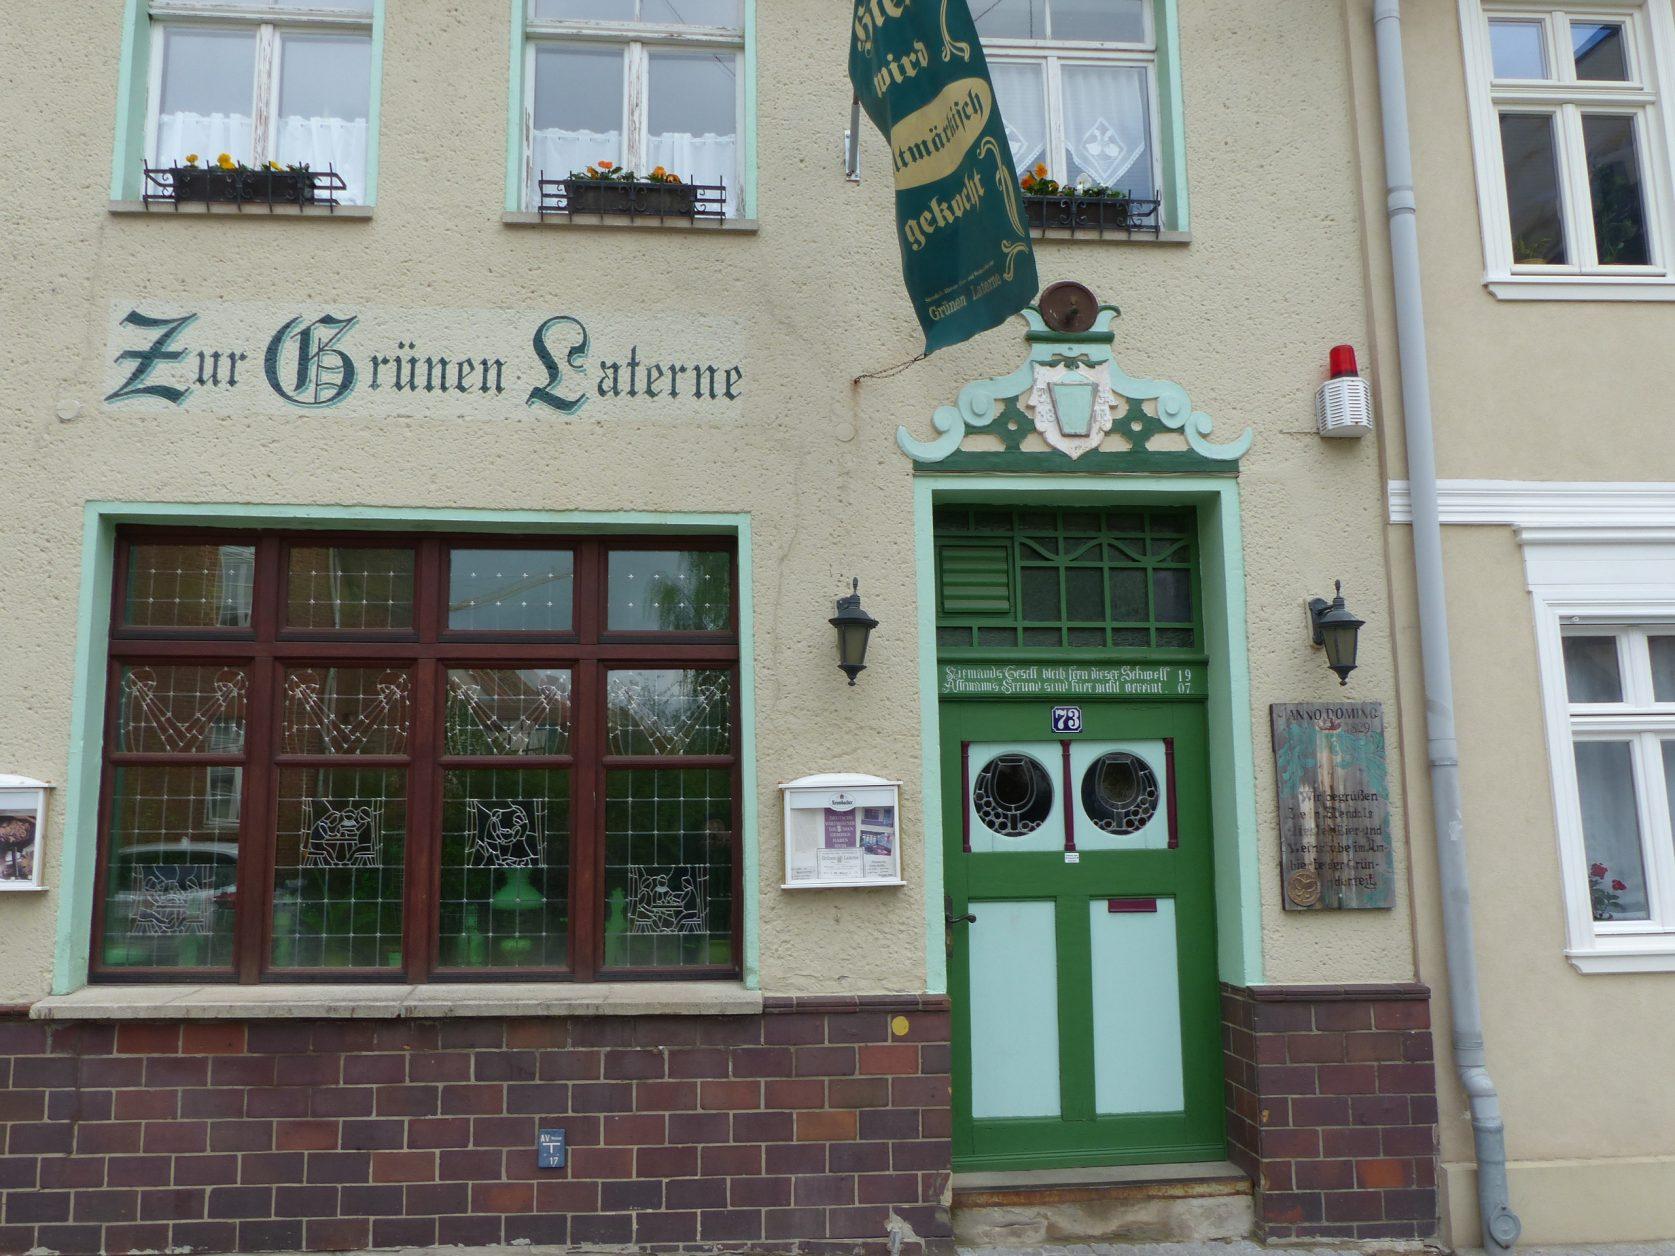 Zur grünen Laterne in Stendal, Foto: D.Weirauch